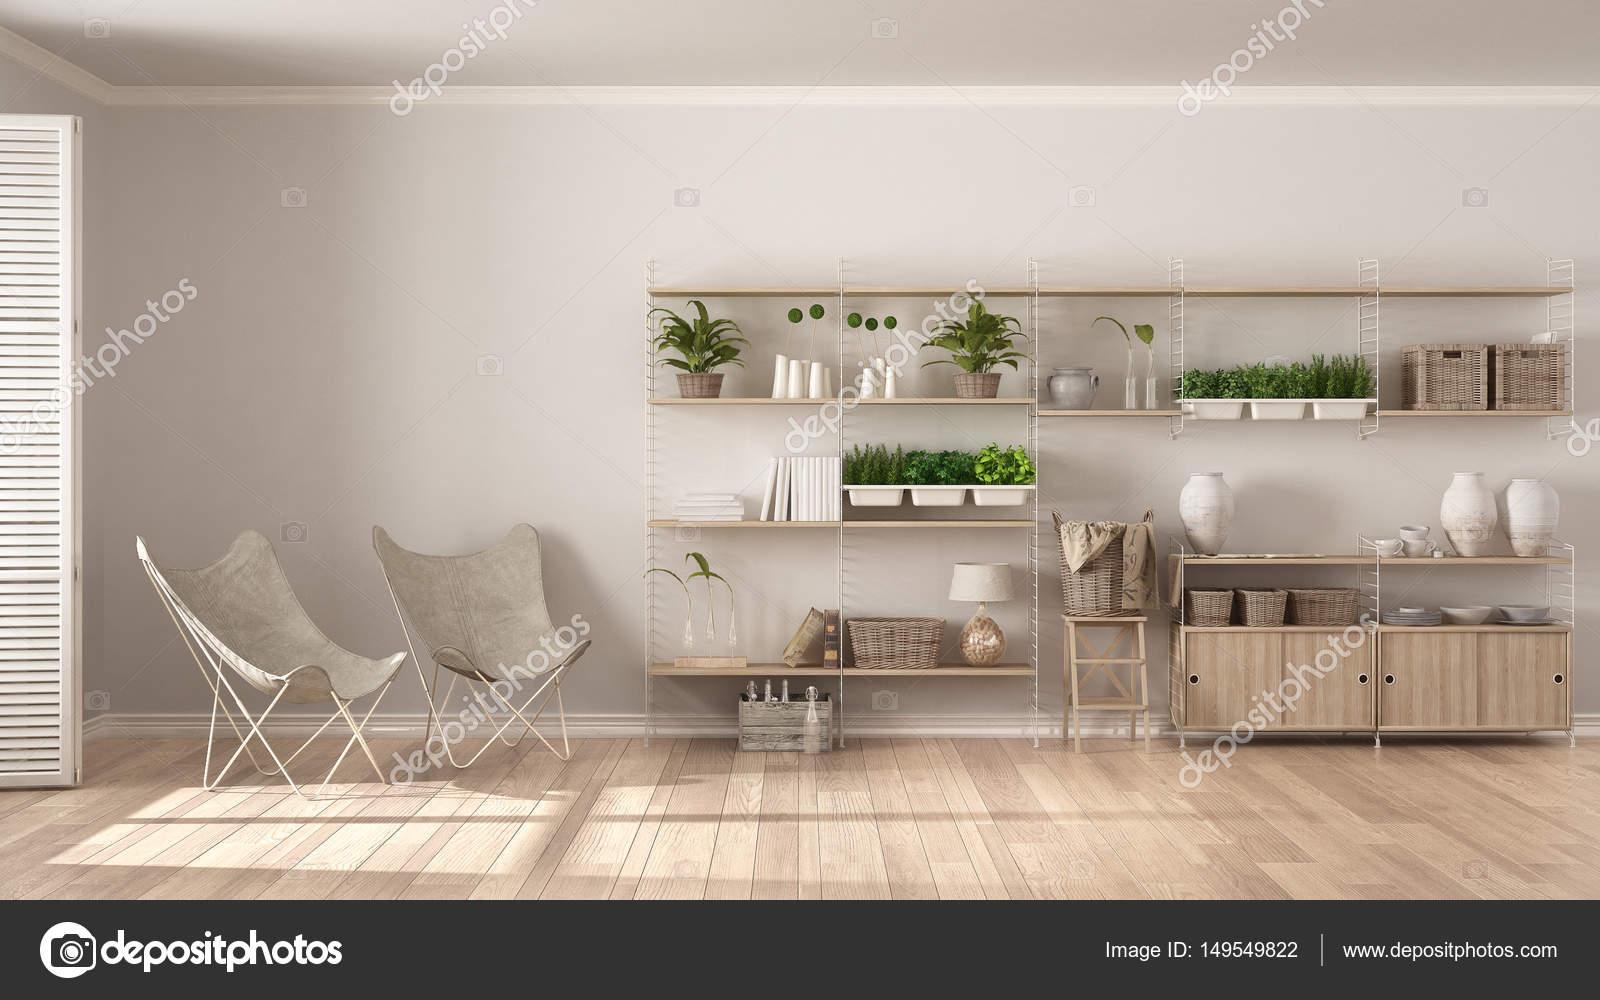 eco interieur met houten boekenkast diy verticale tuin s stockfoto